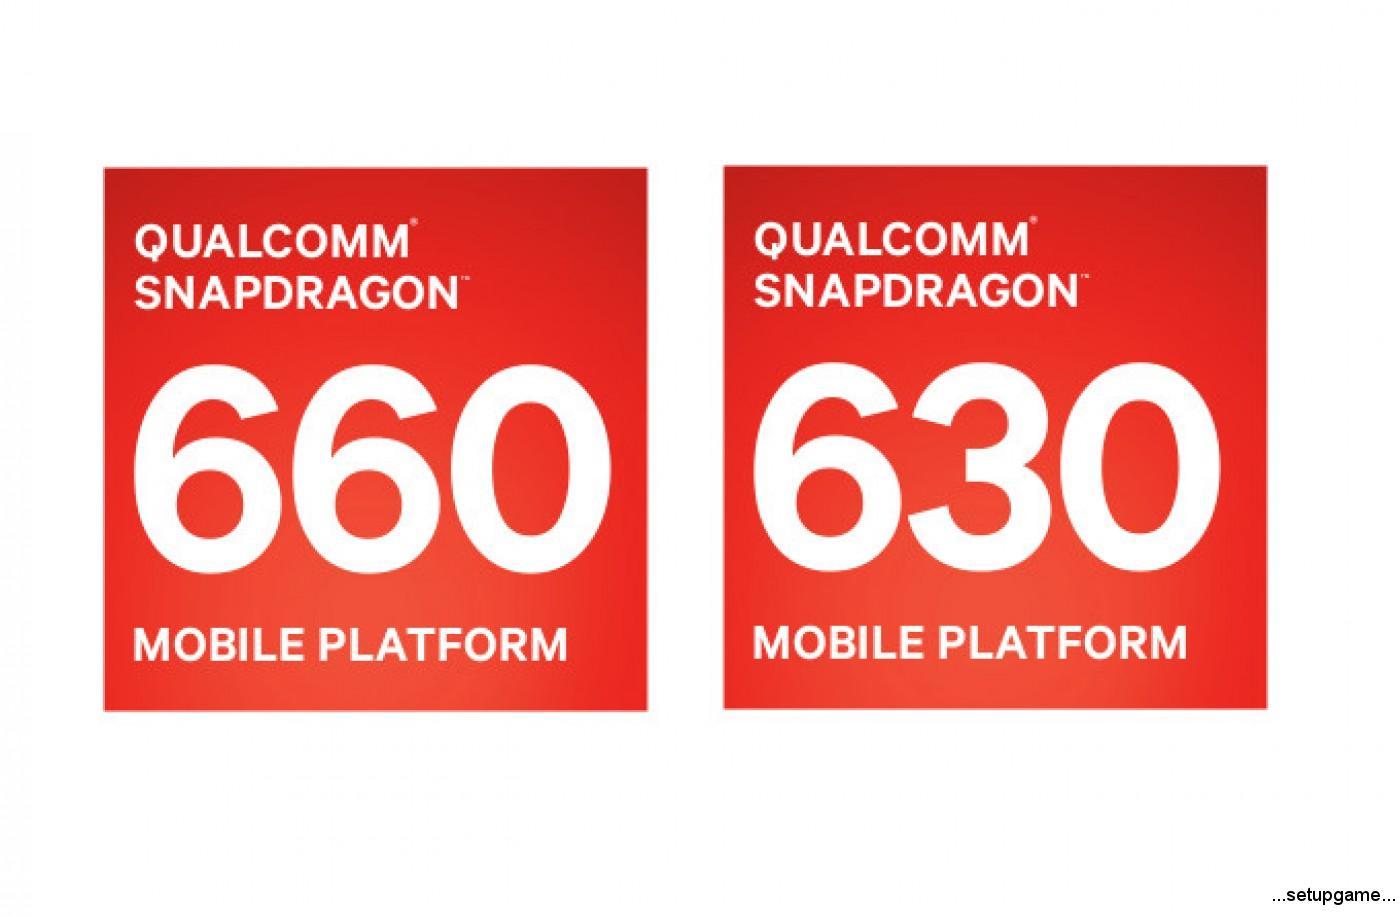 تراشه های جدید اسنپدراگون 630 و 660 معرفی شدند